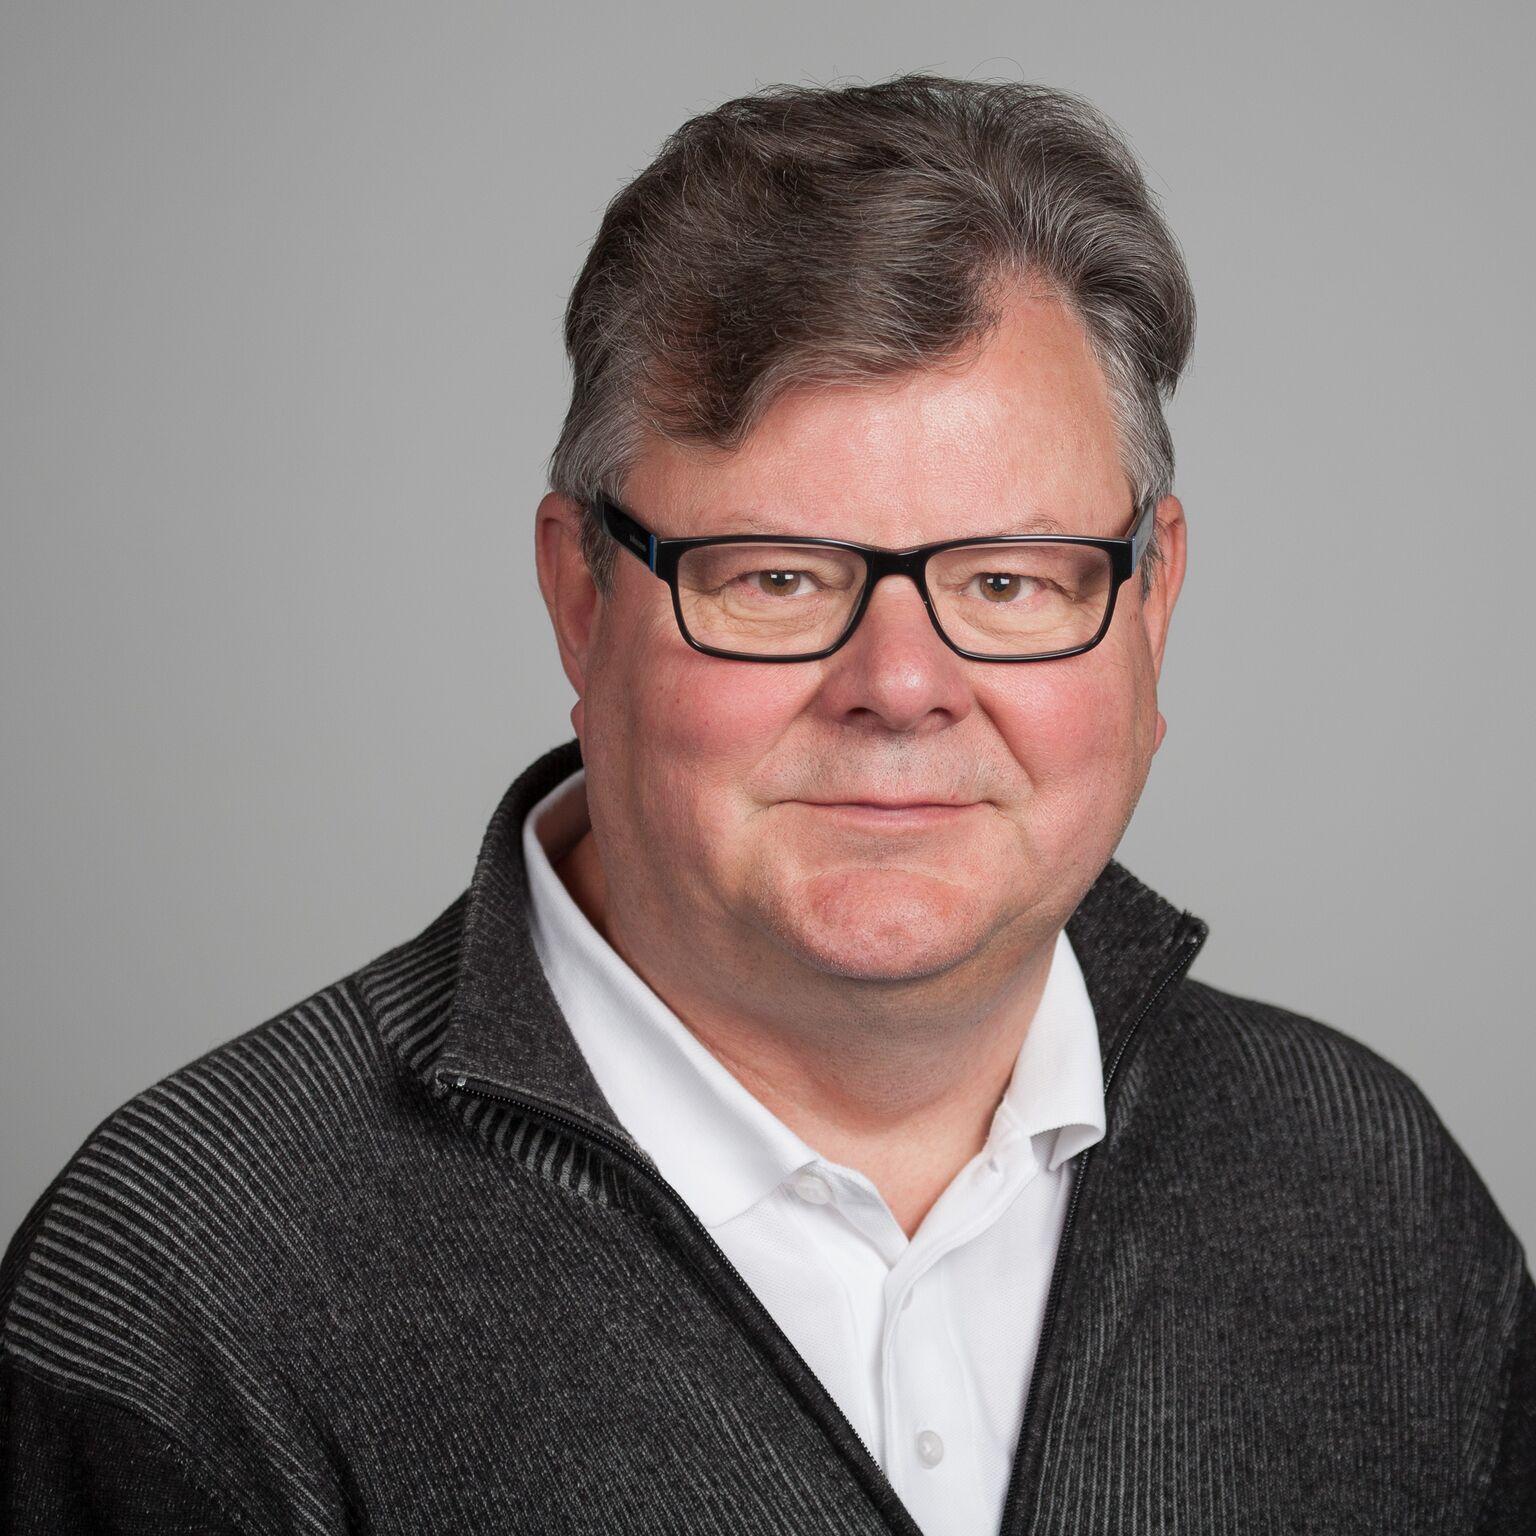 Jukka Pussinen